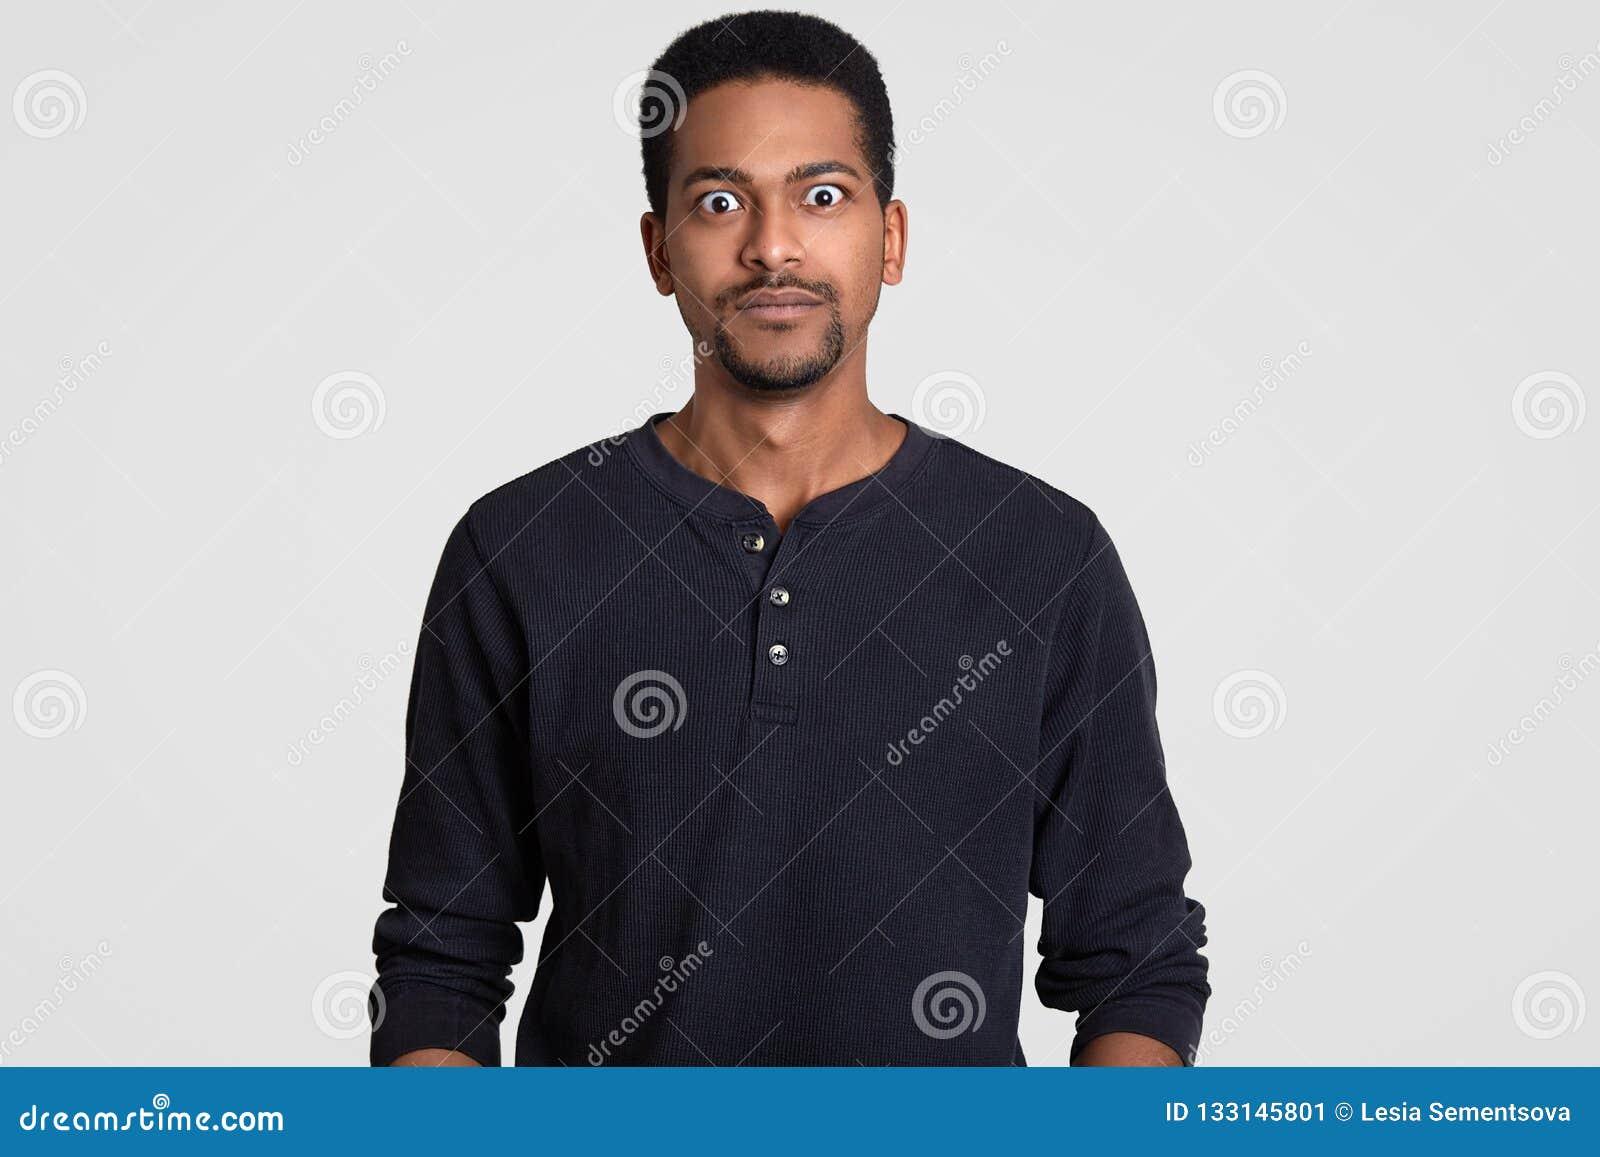 Ο παρακολουθημένος eyed όμορφος νεαρός άνδρας εξετάζει στην κατάπληξη τη κάμερα, ντύνει λίγη γενειάδα, άνετα, που μένει έκπληκτη